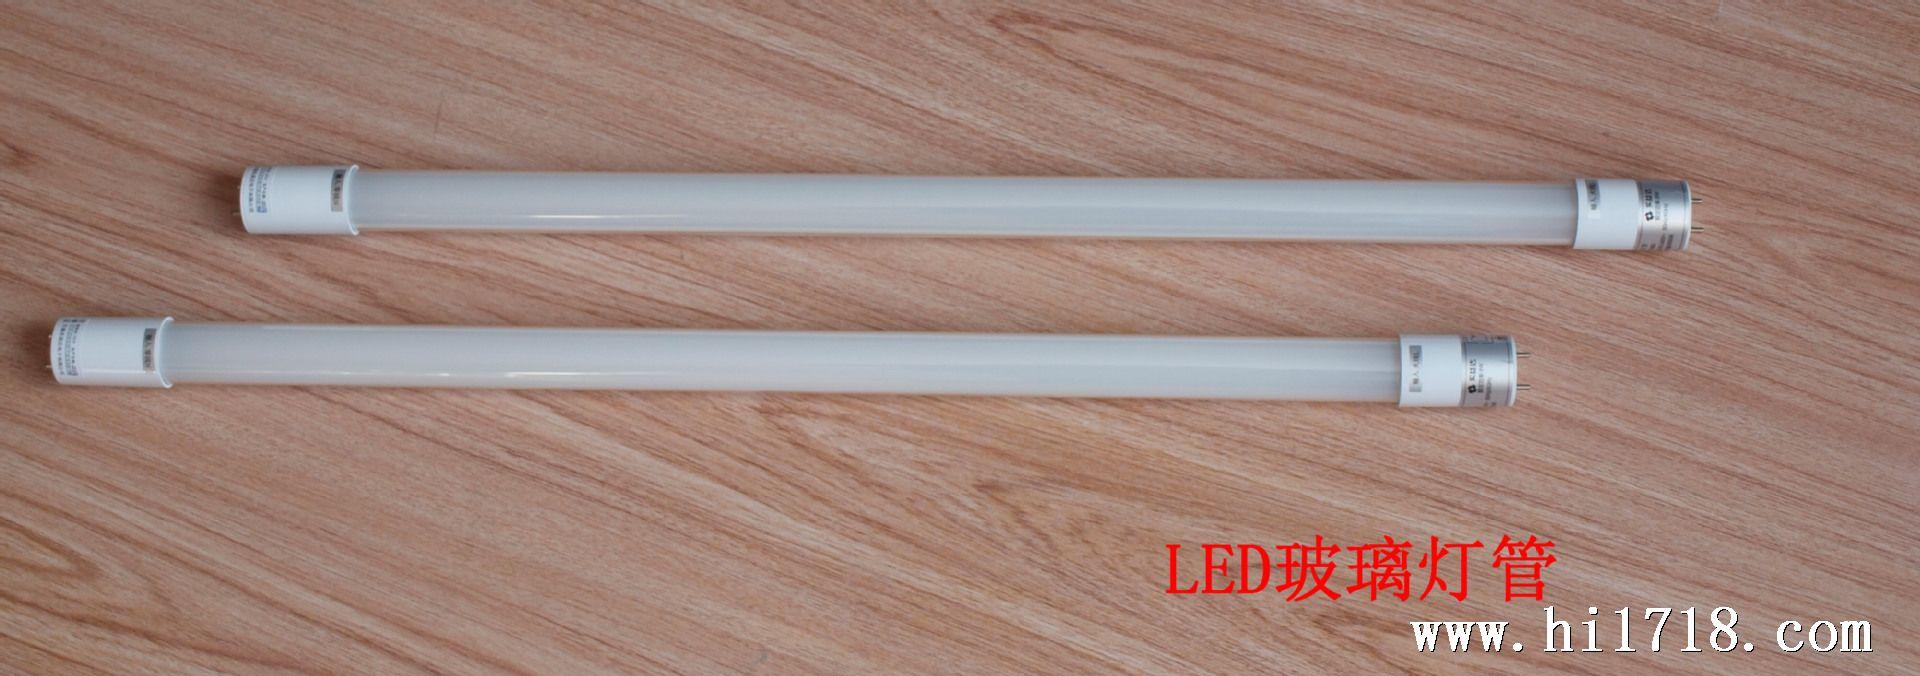 led灯管 led t5 t8